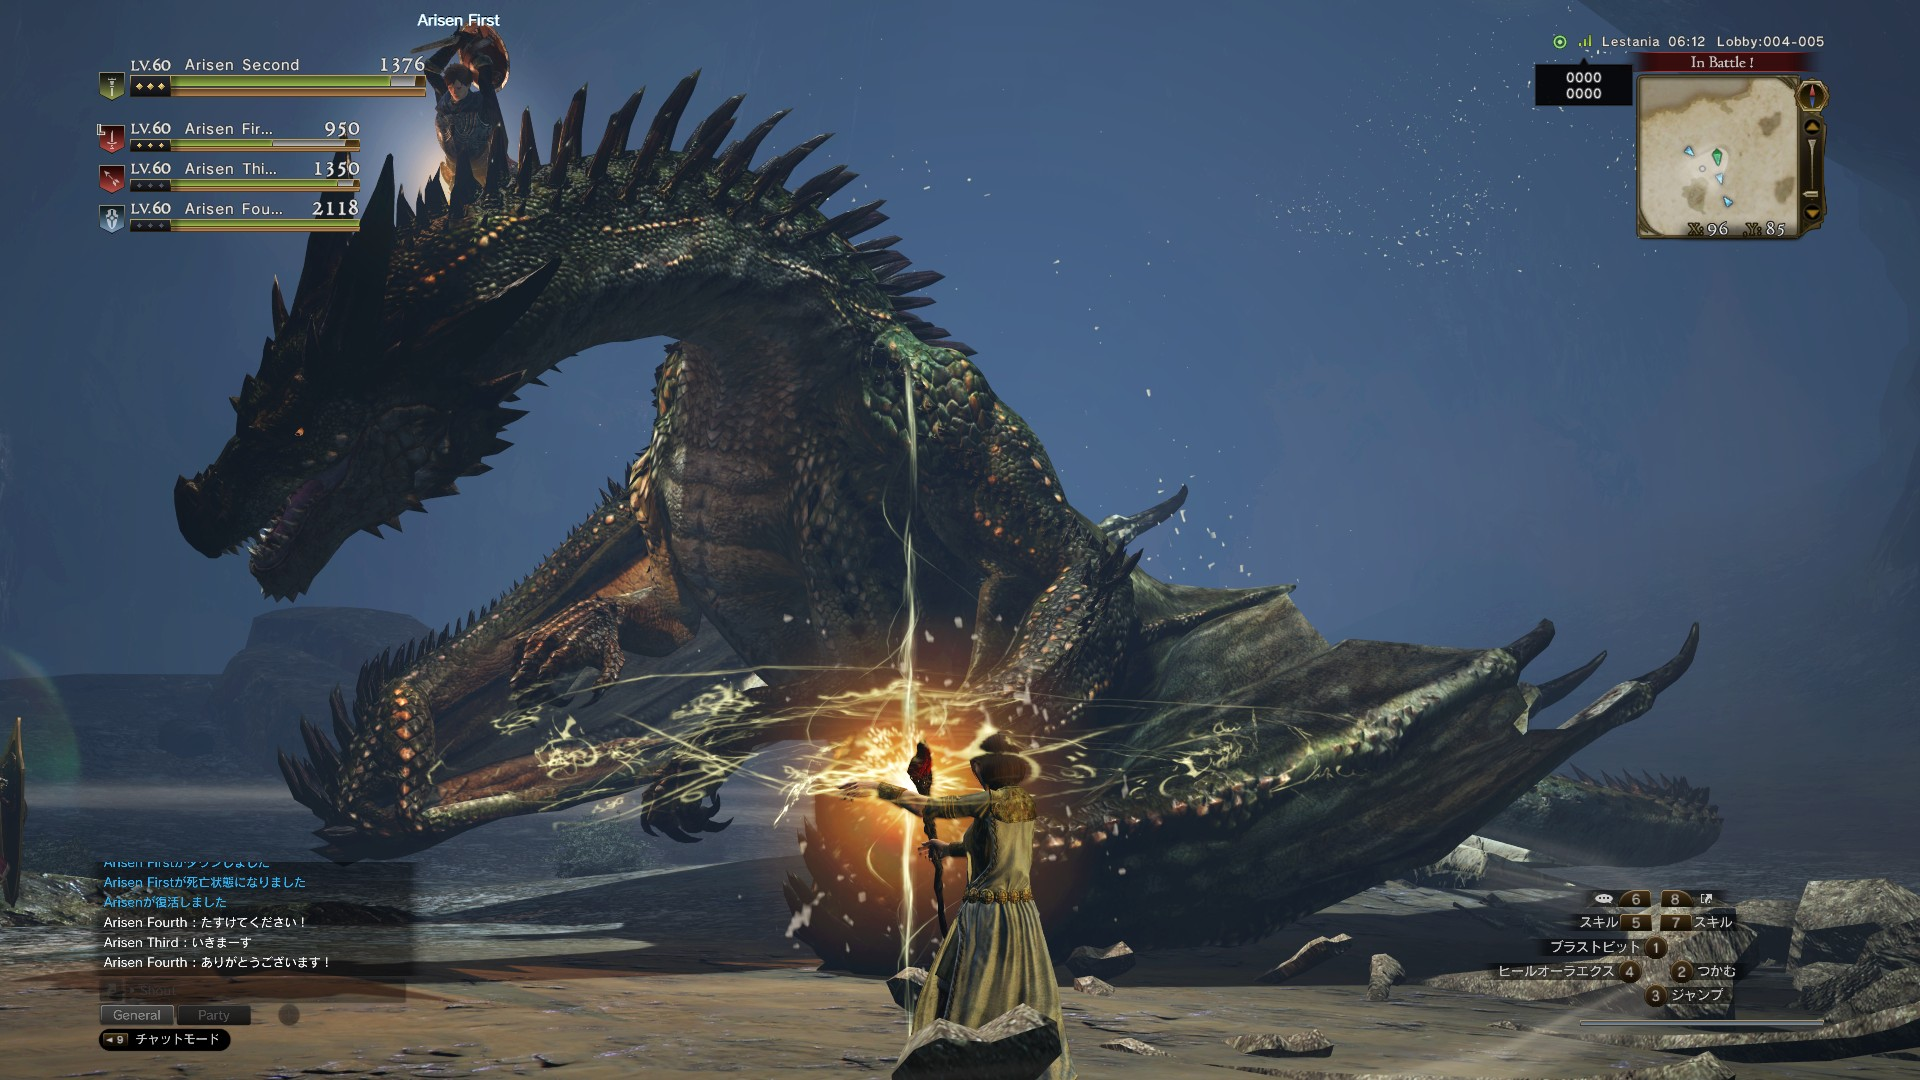 画像集 009 覚者よ集え 新作アクションrpg Dragon S Dogma Online がpc Ps4